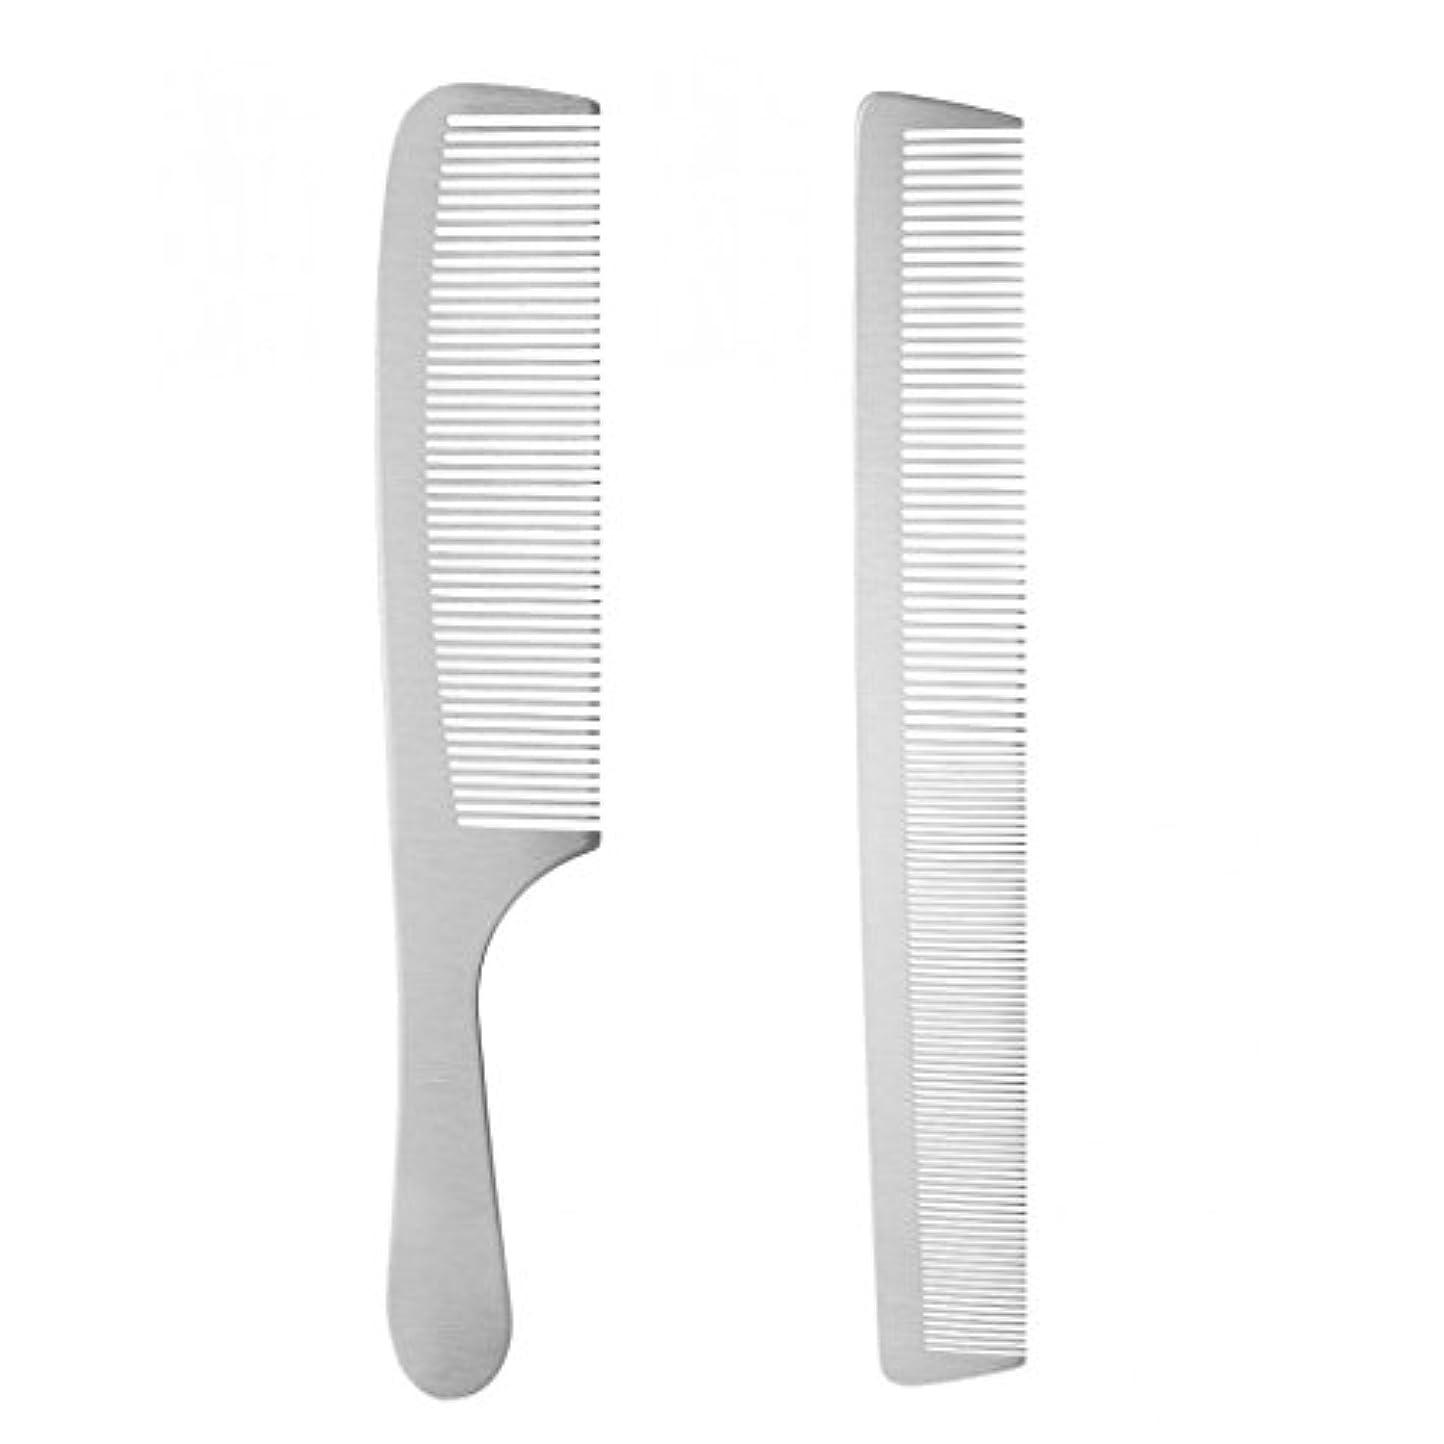 仕出します奴隷最少2倍美容院ヘアカットツールヘアスタイリングブラシヘアスタイリングくし理容ツール